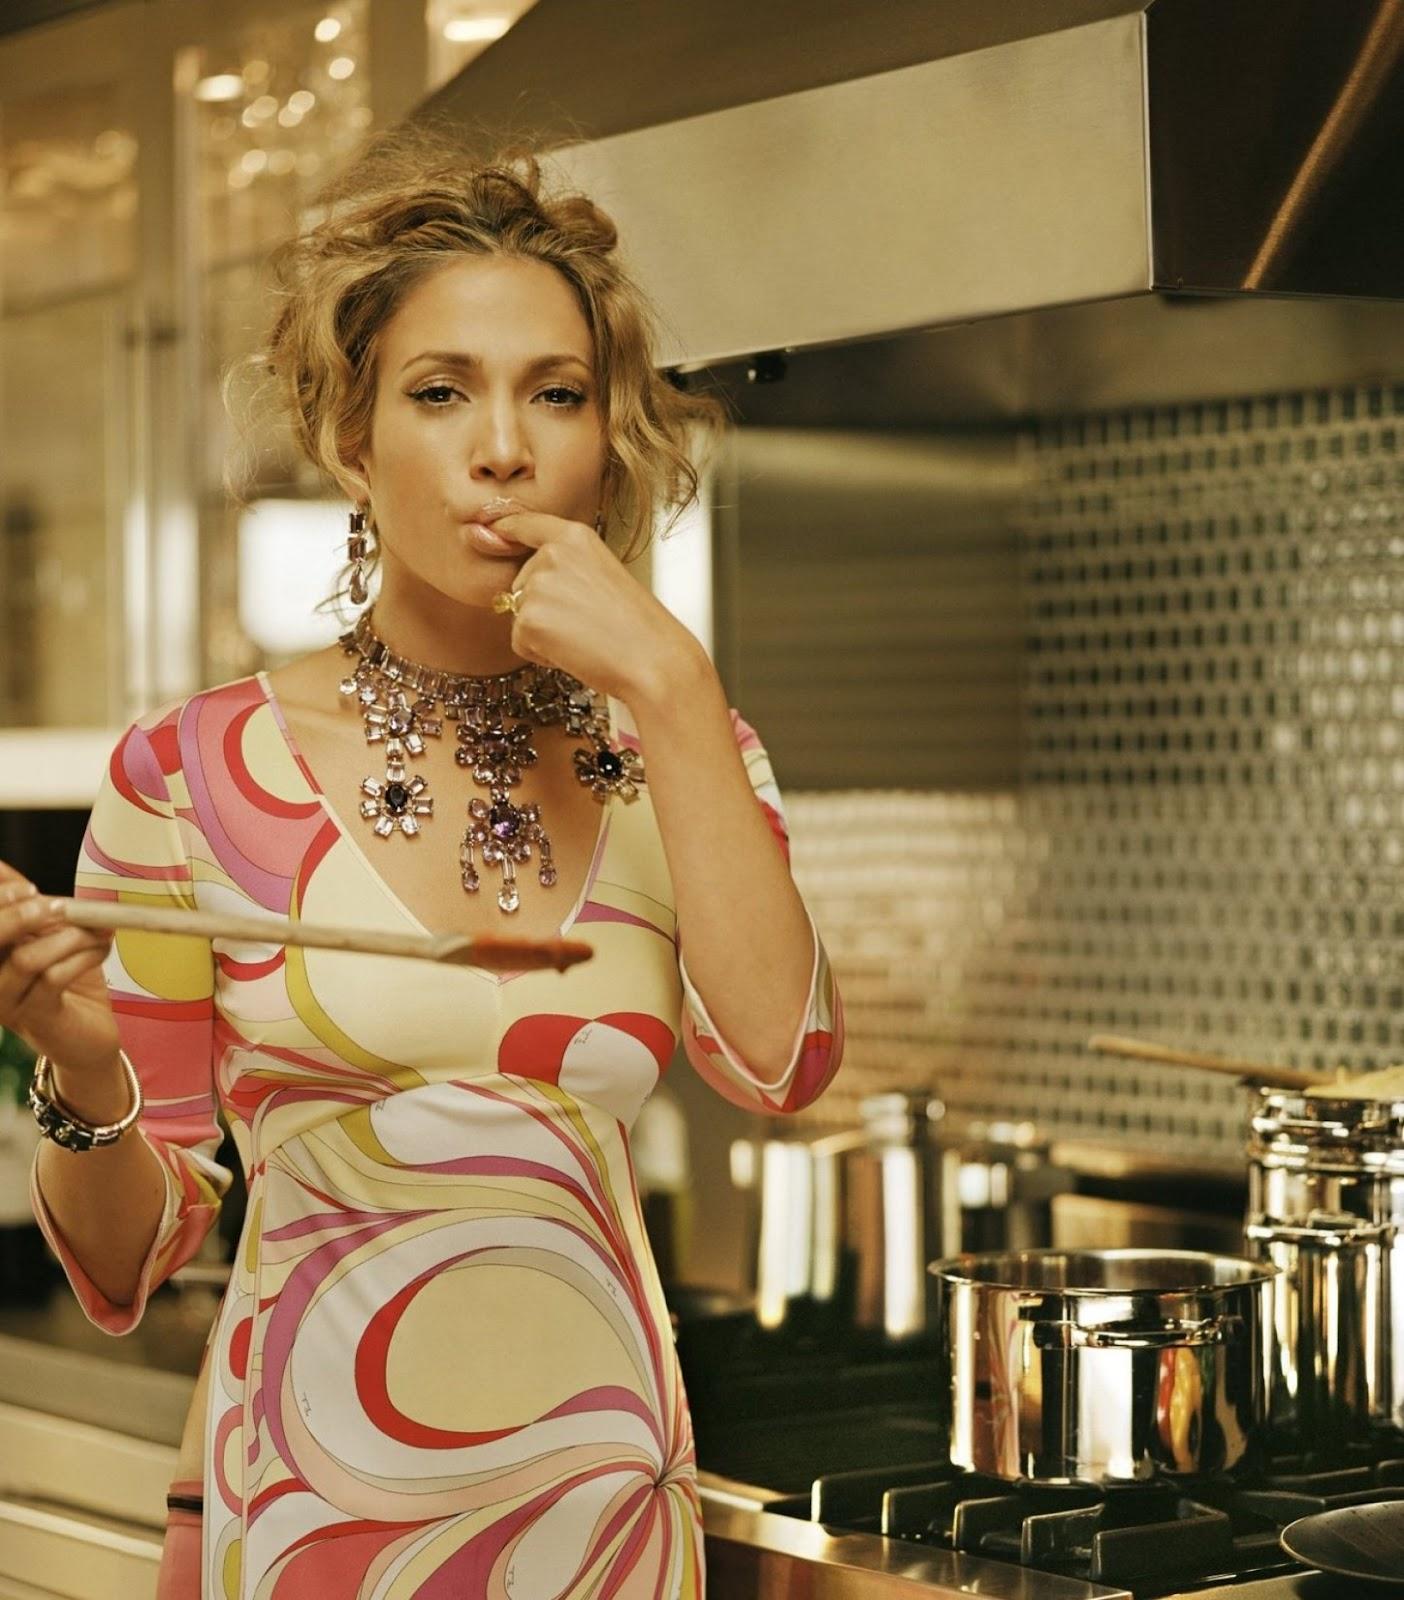 http://2.bp.blogspot.com/-9BtKaxAbk00/T7e1YN46bPI/AAAAAAAAAQ8/Av6YcRlixwc/s1600/Jennifer+Lopez.563.jpg